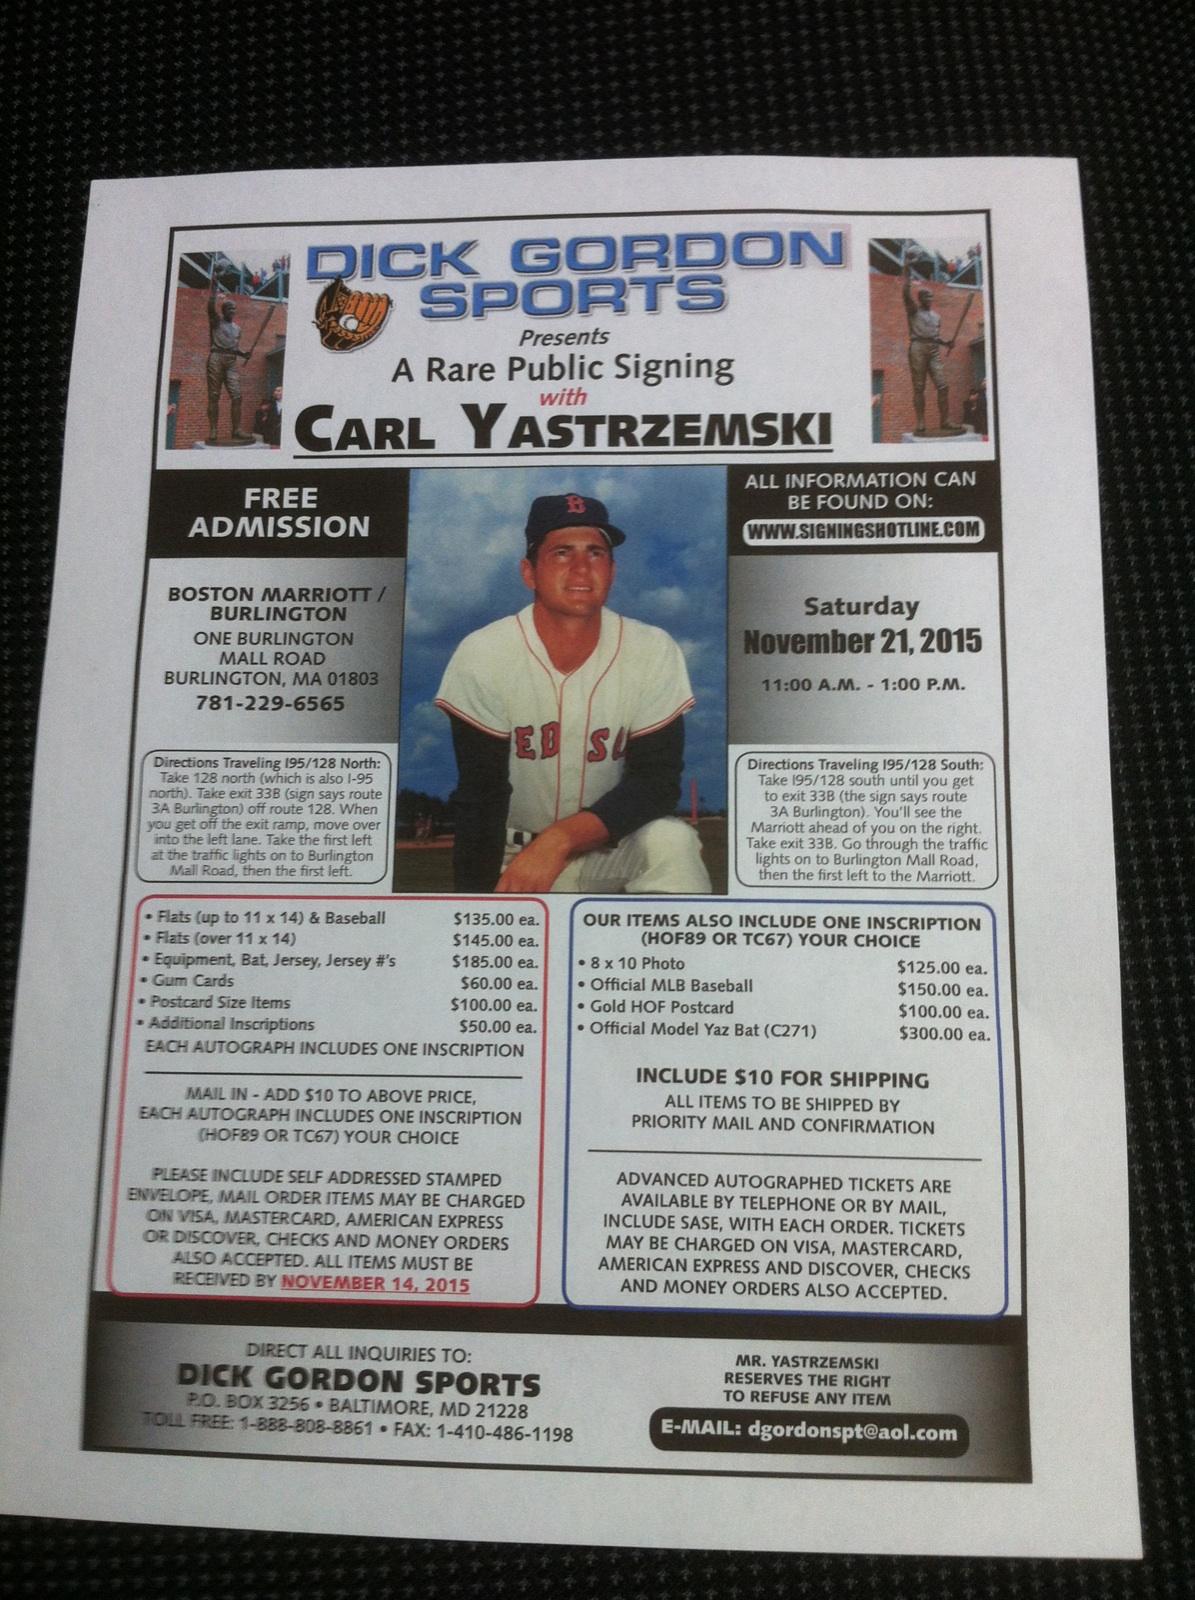 Carl Yastrzemski Signing